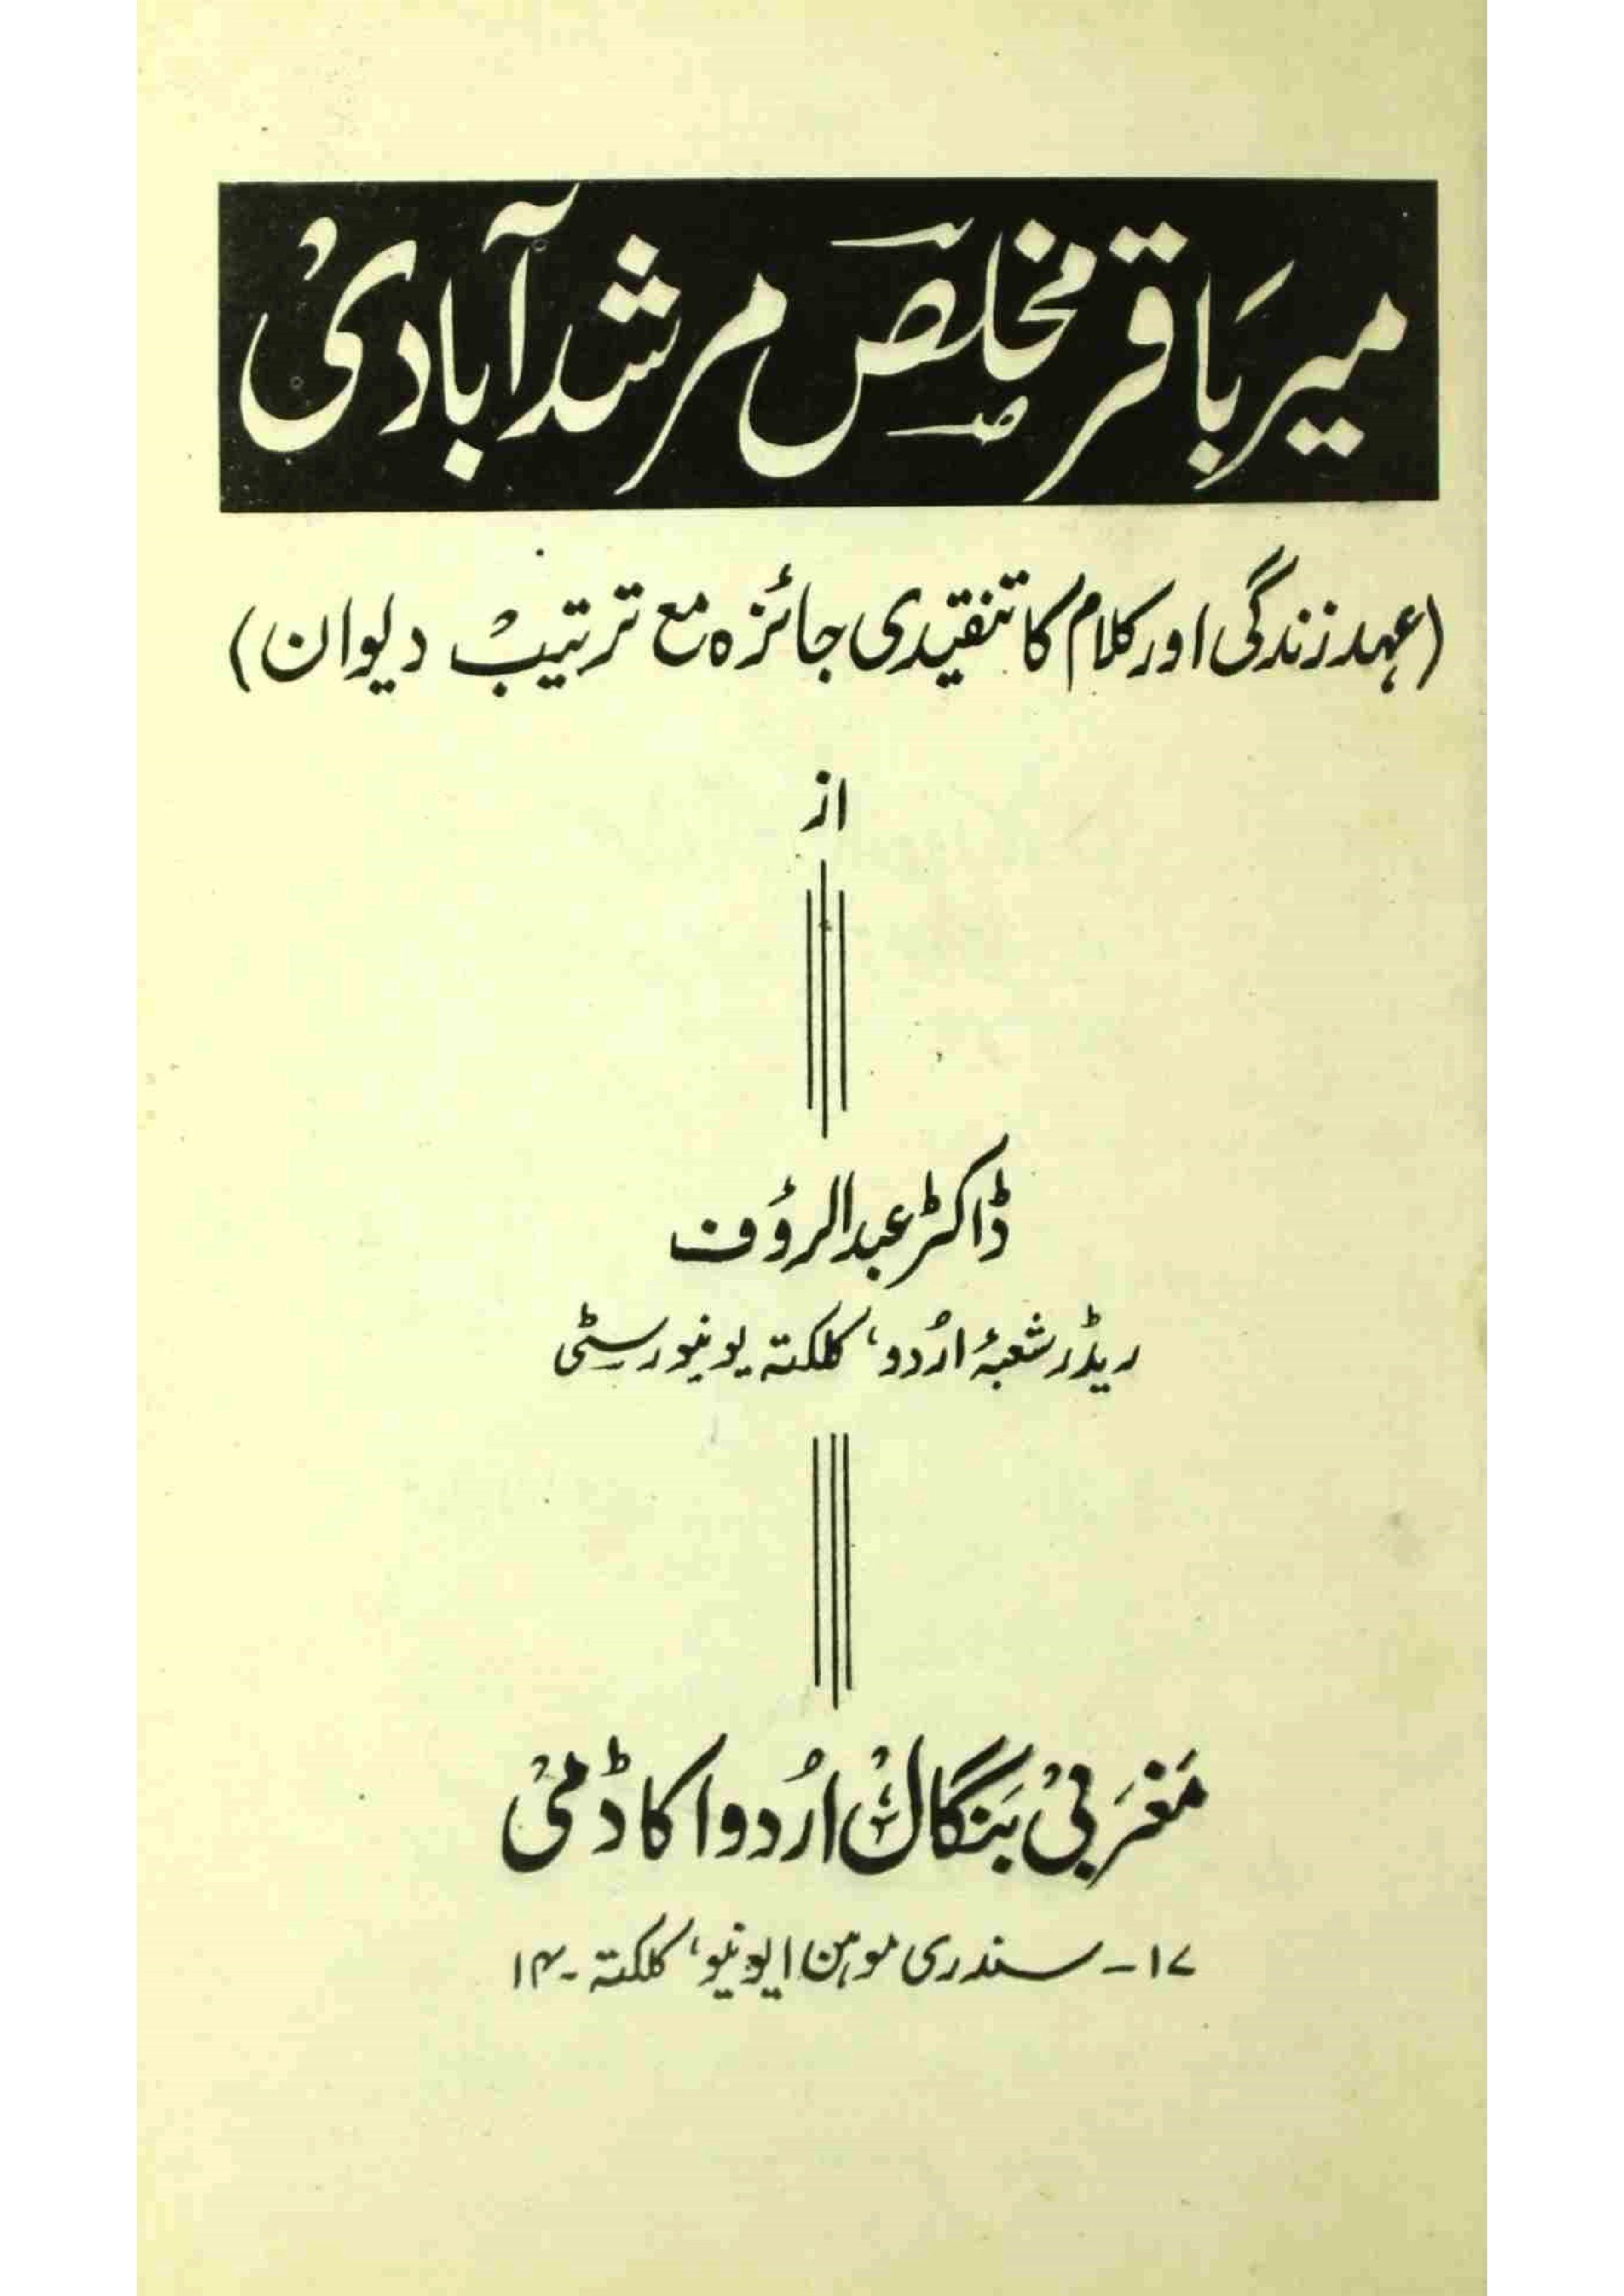 Meer Baqar Mukhlis Murshidabadi